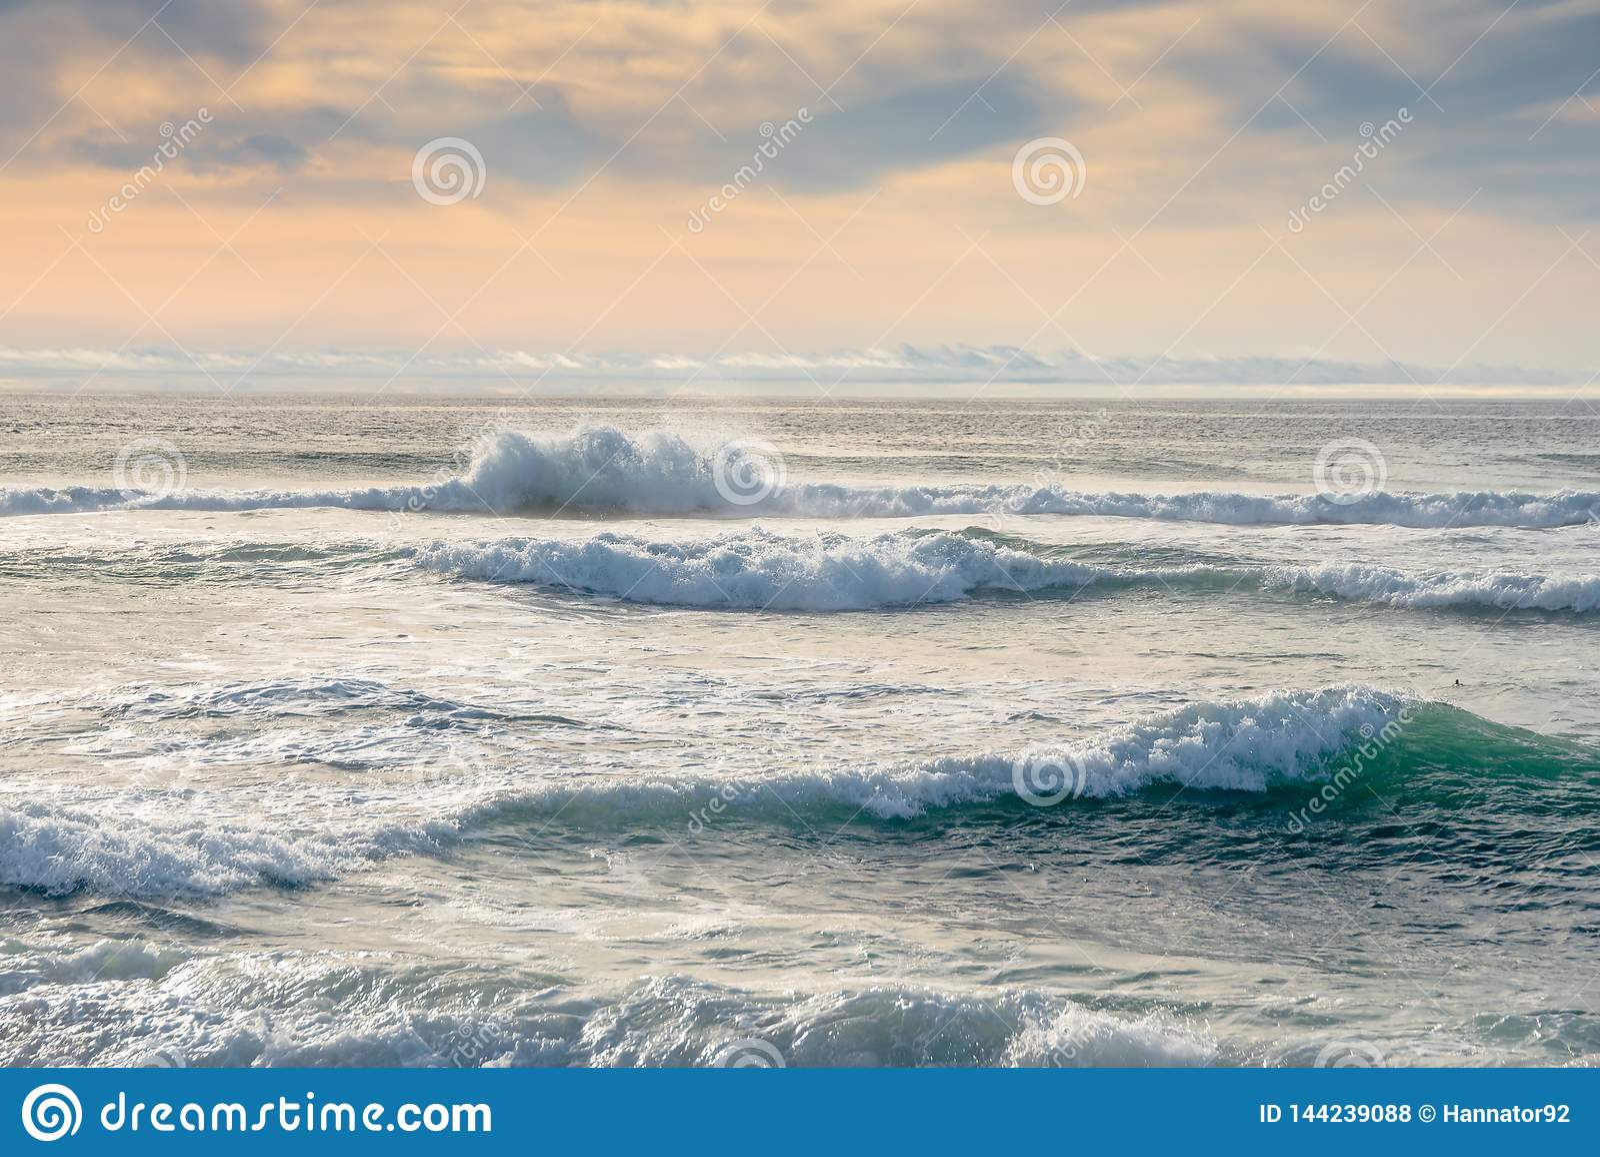 Piękny morze Z Ogromnymi falami